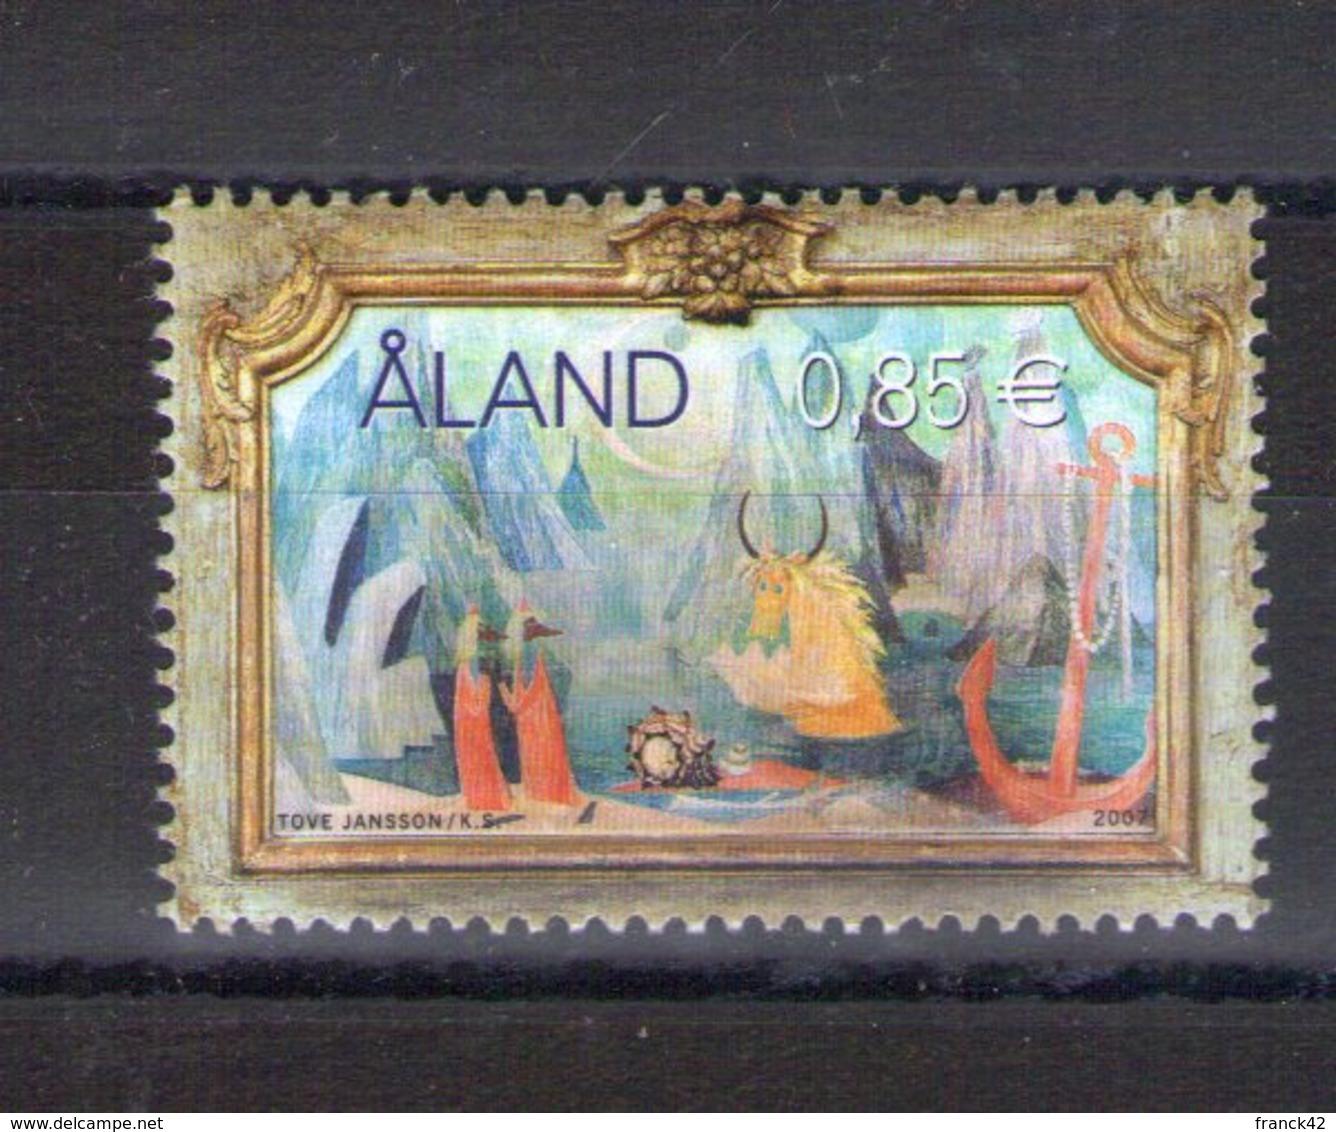 Aland. Tableau De Tov Jansson - Aland